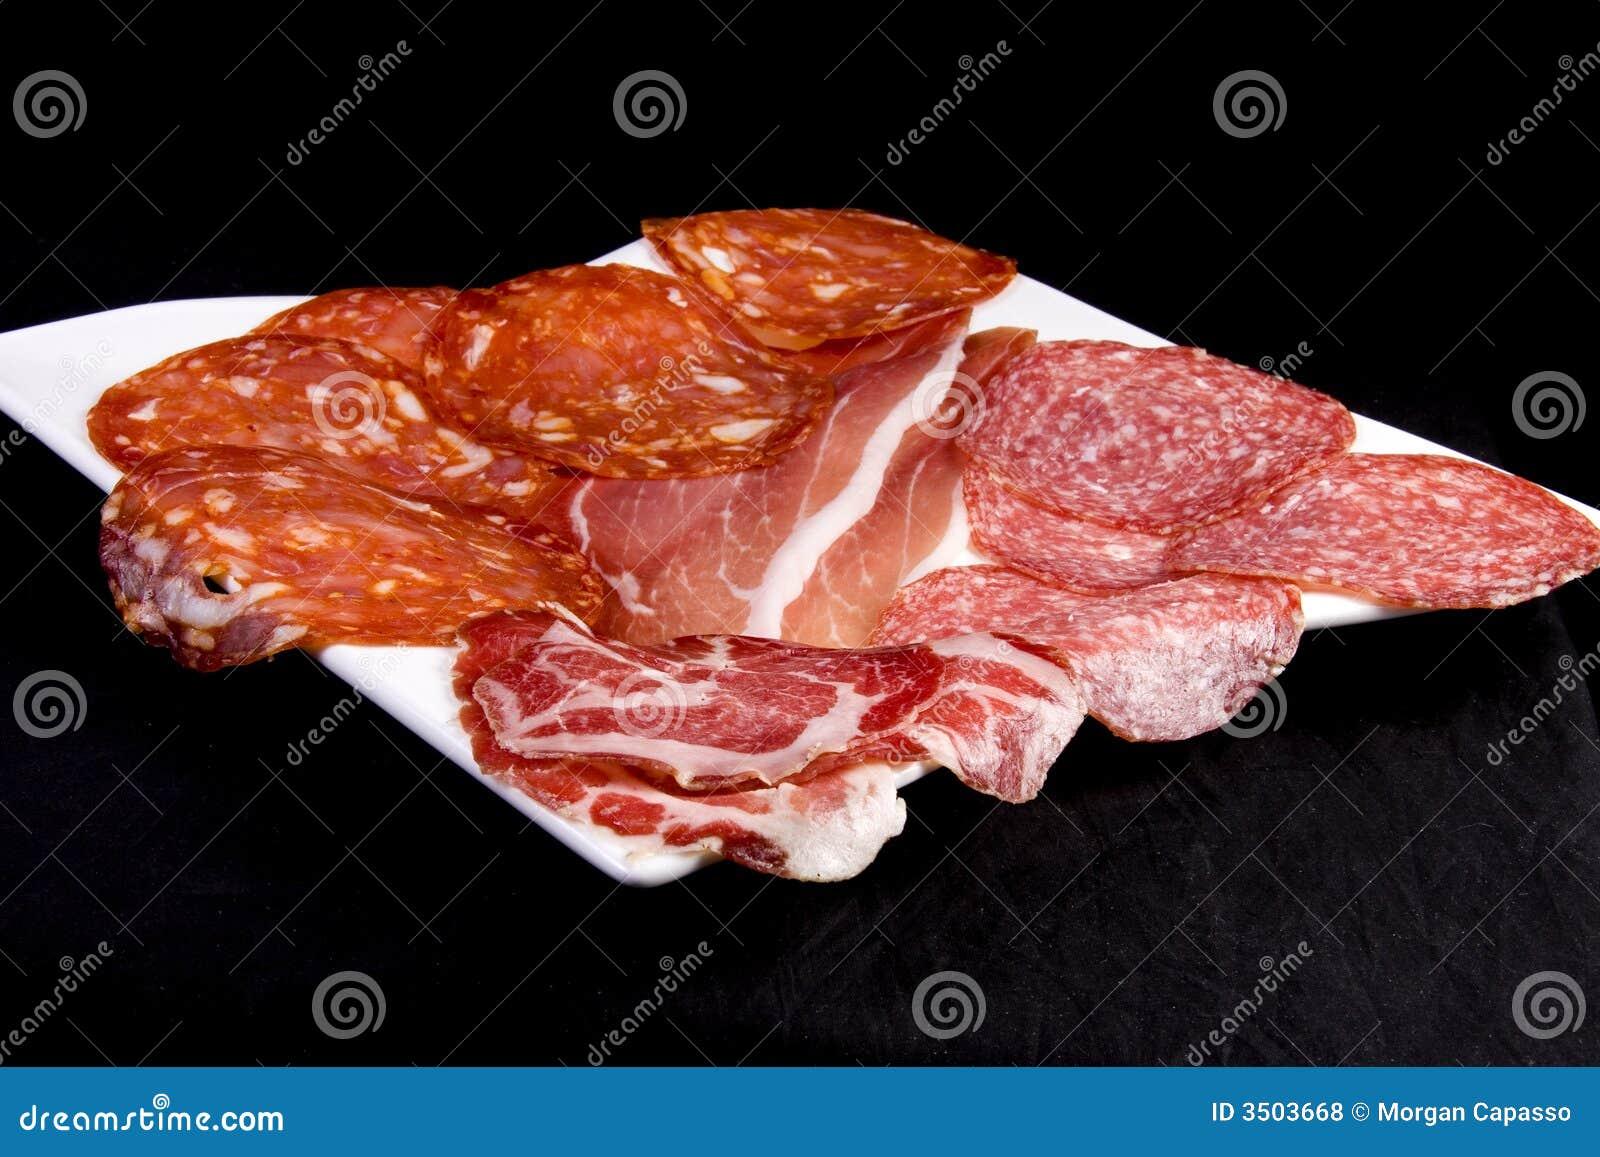 Konservierte Fleischmehrlagenplatte